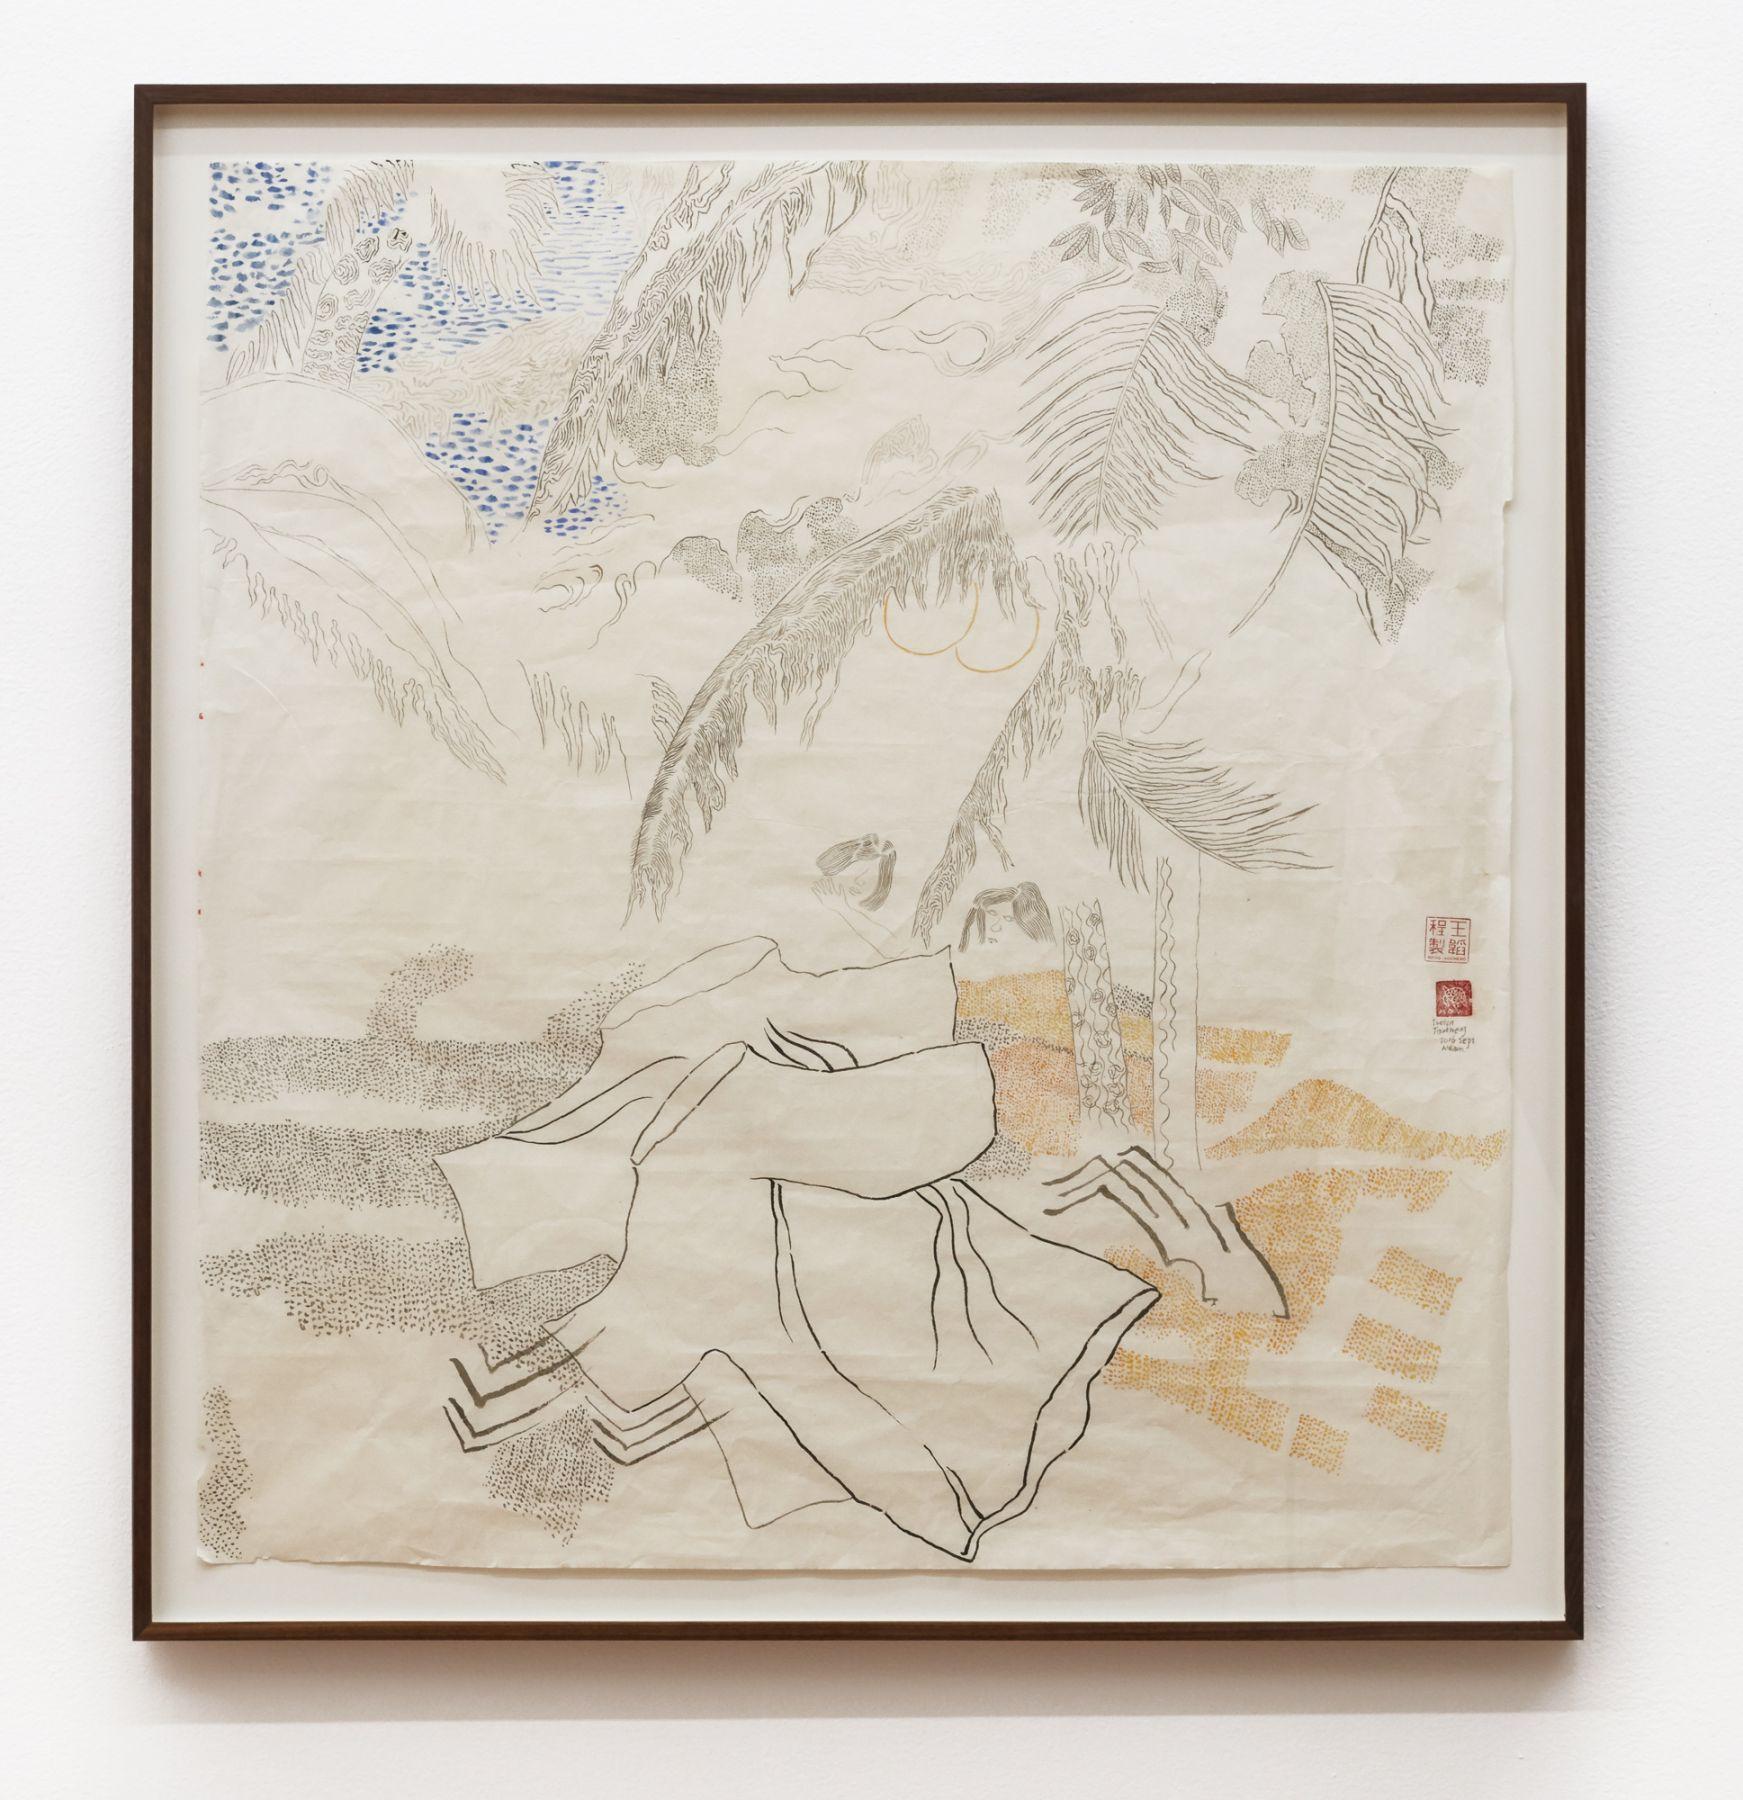 Evelyn Taocheng Wang